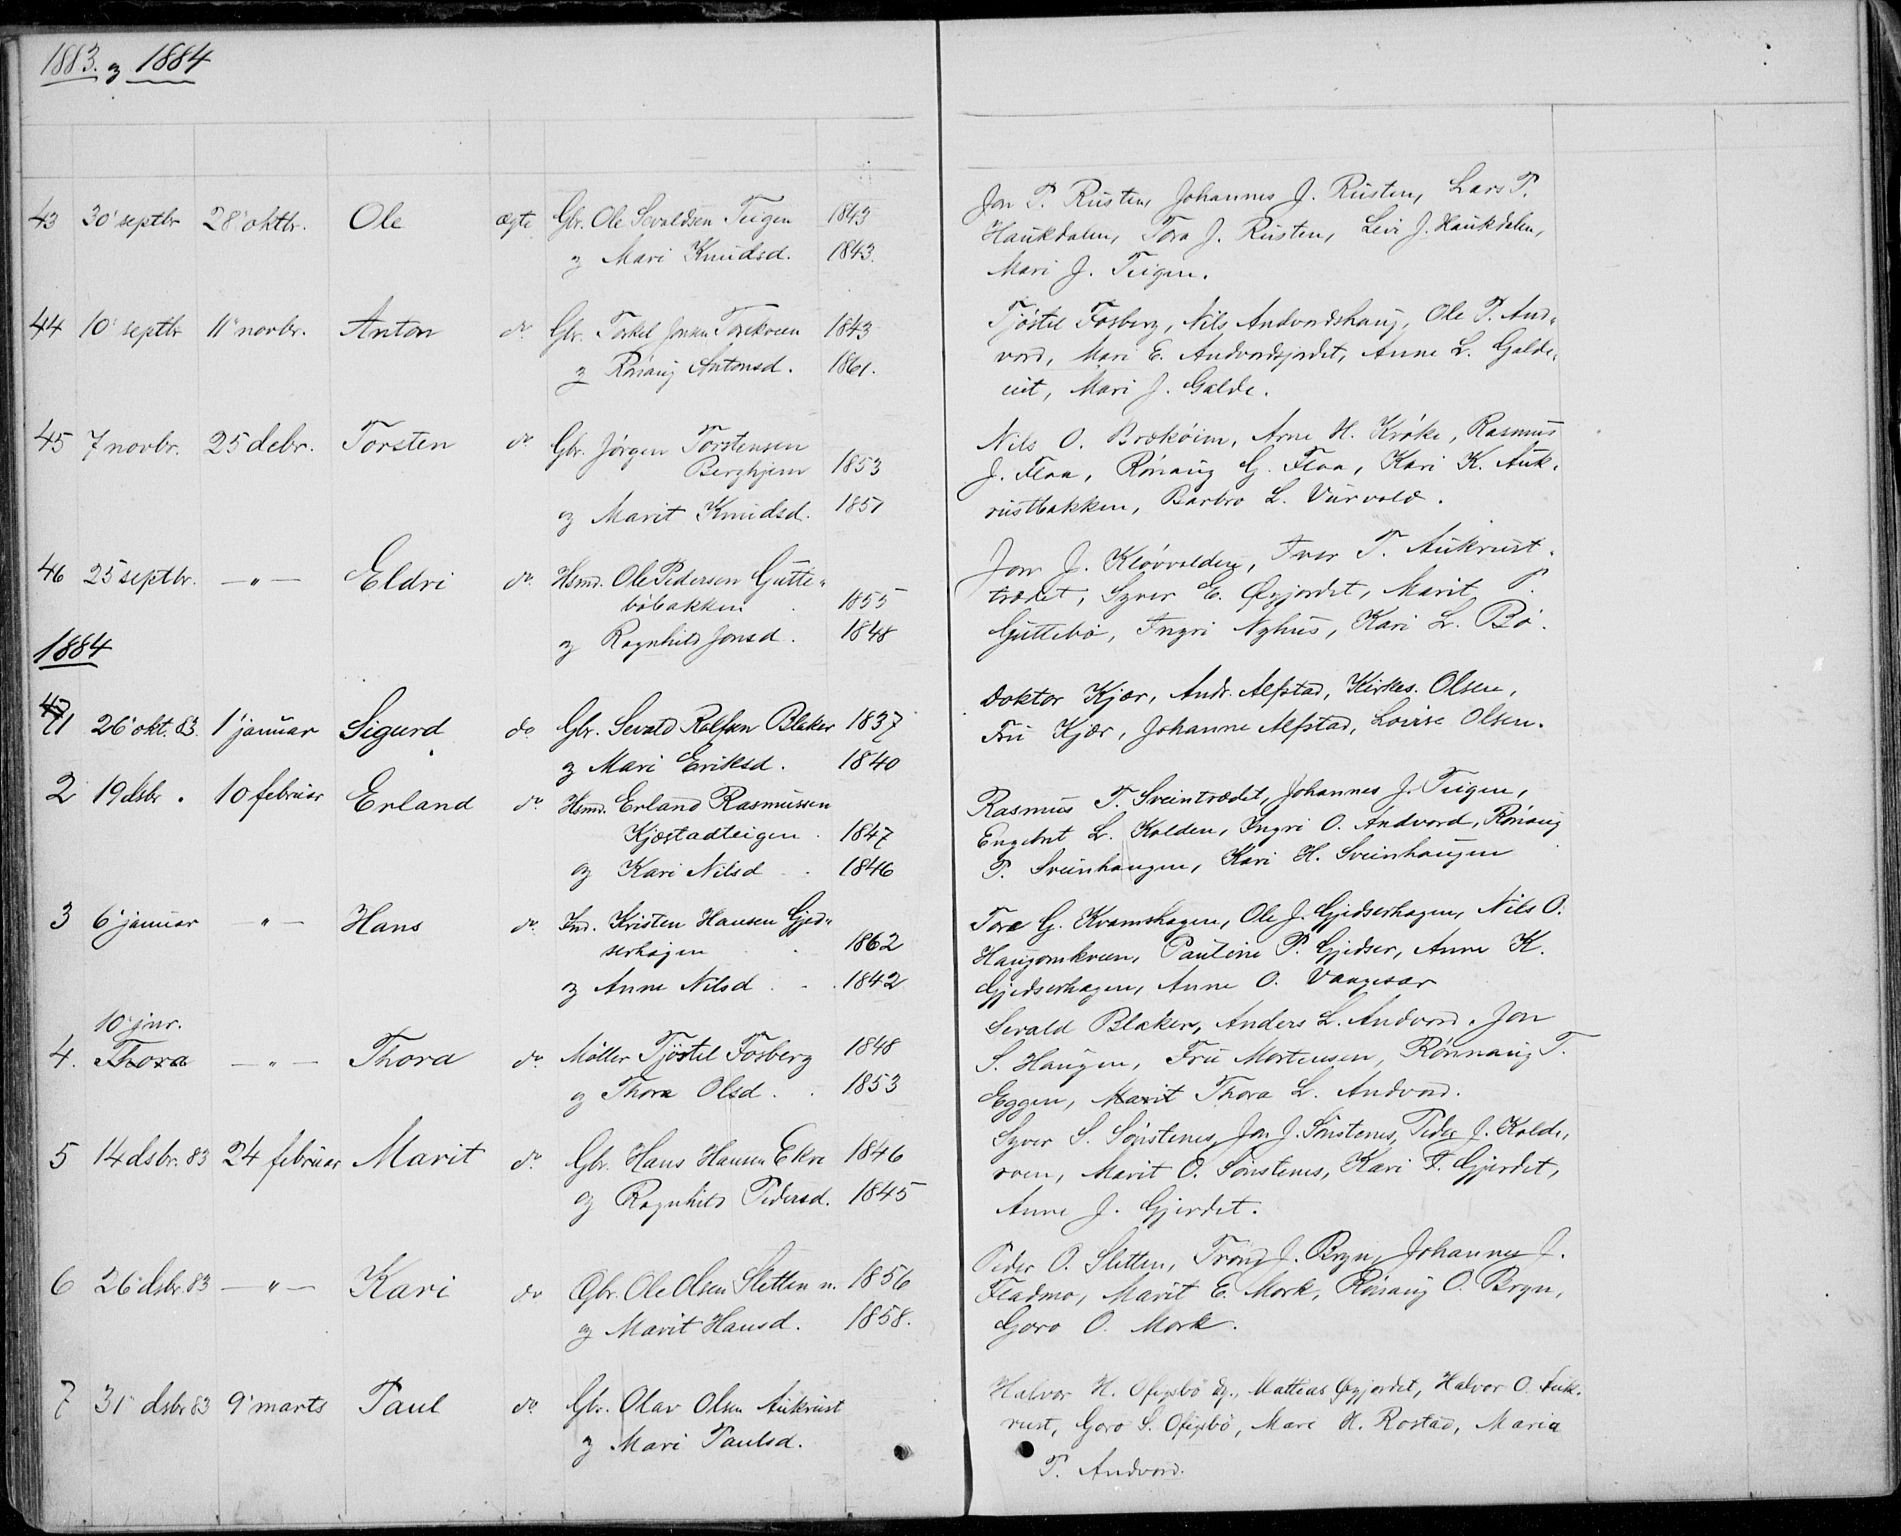 SAH, Lom prestekontor, L/L0013: Klokkerbok nr. 13, 1874-1938, s. 33